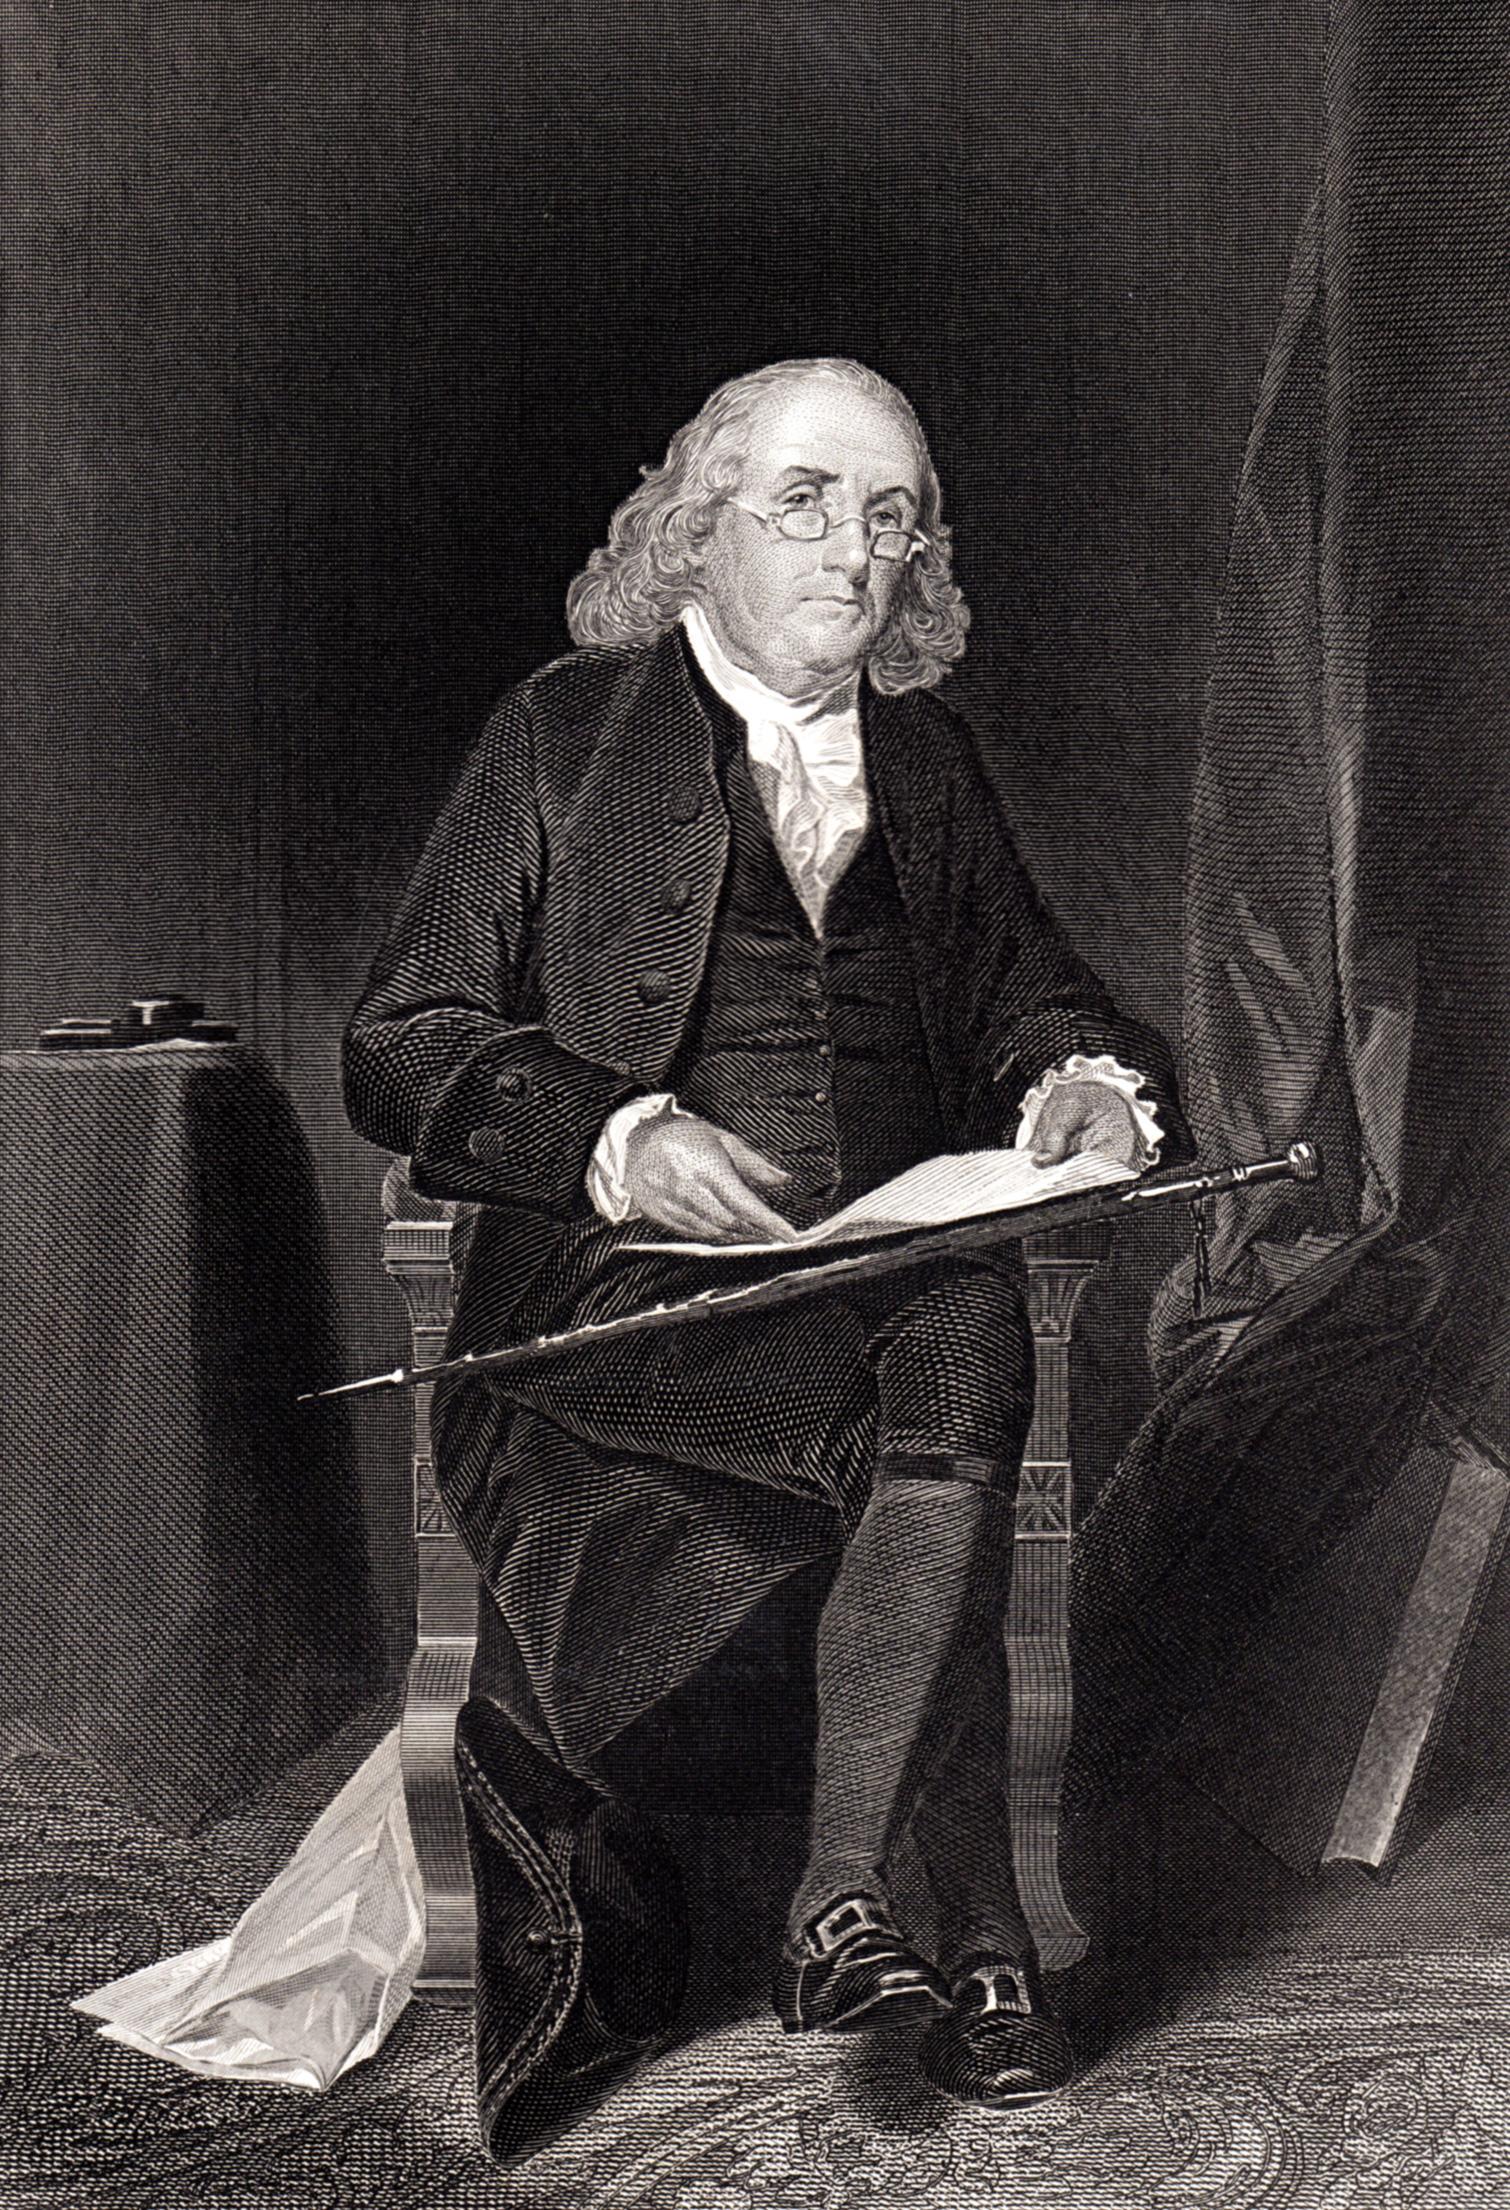 Portraits of famous authors, philosophers, inventors, etc